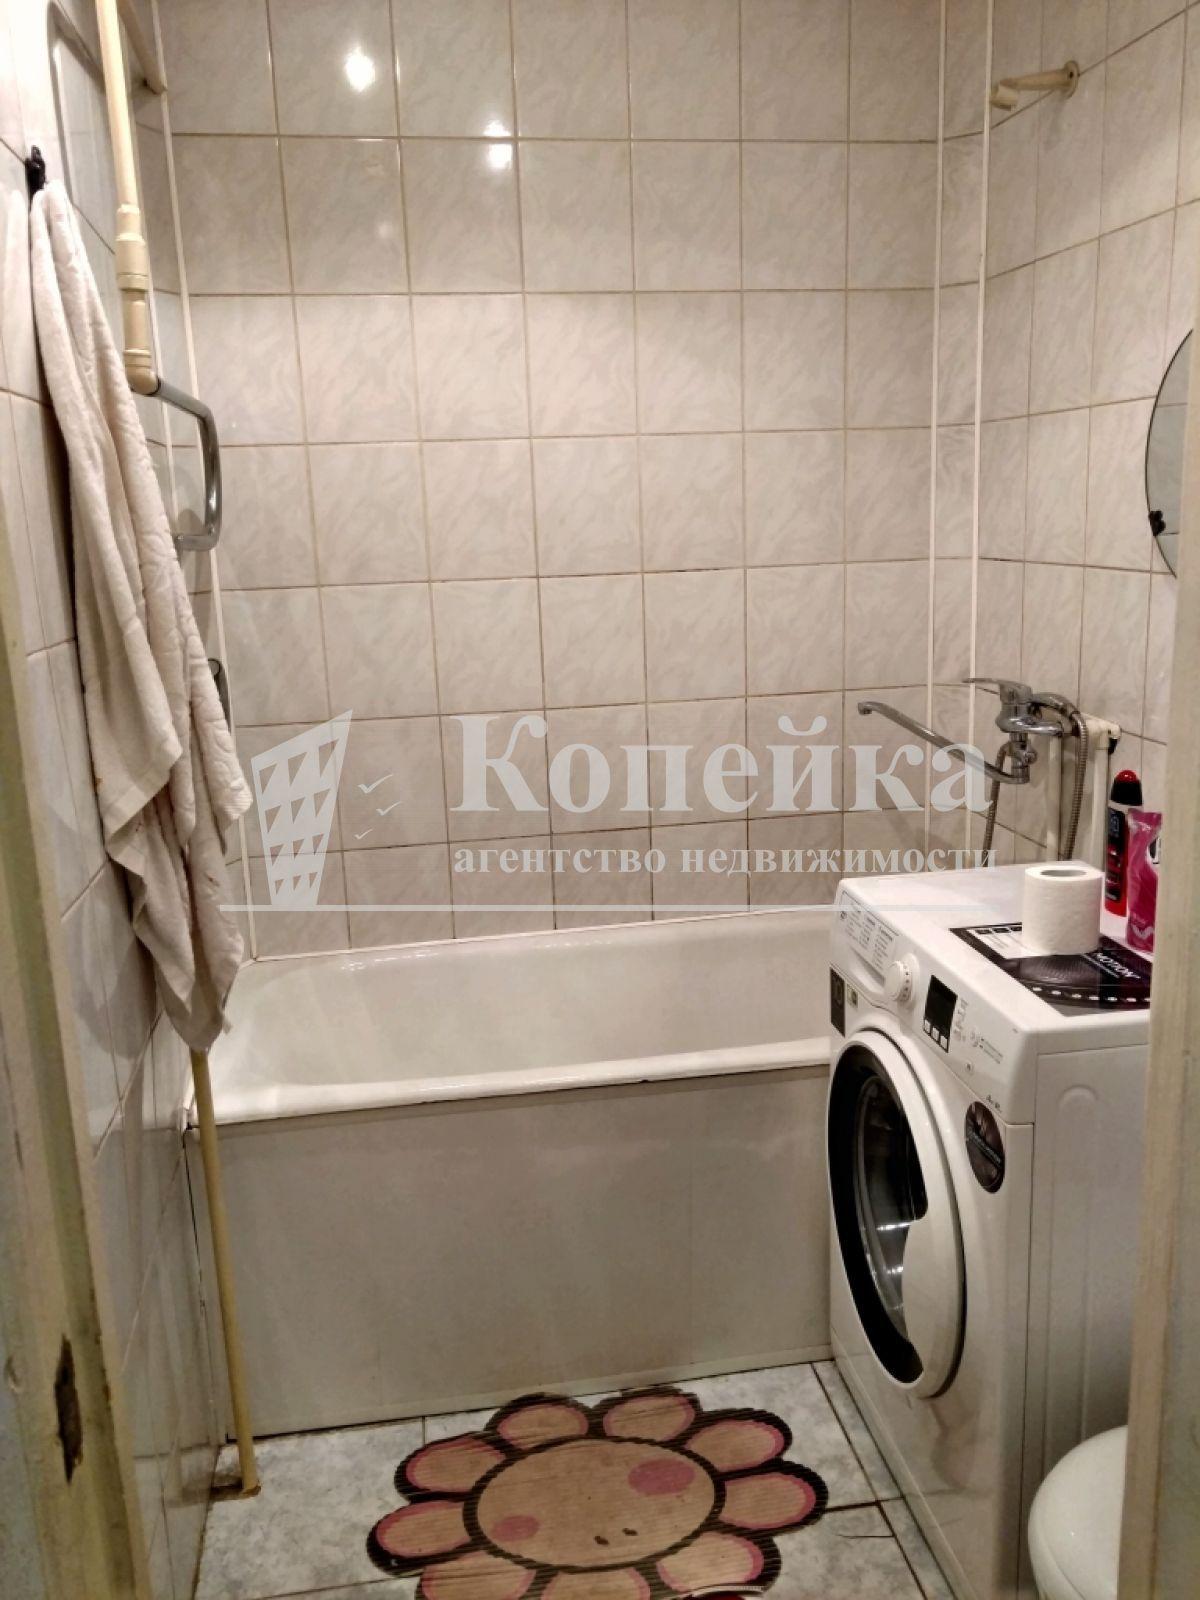 Квартира на продажу по адресу Россия, Омская область, Омск, Станционная 6-я ул, 35